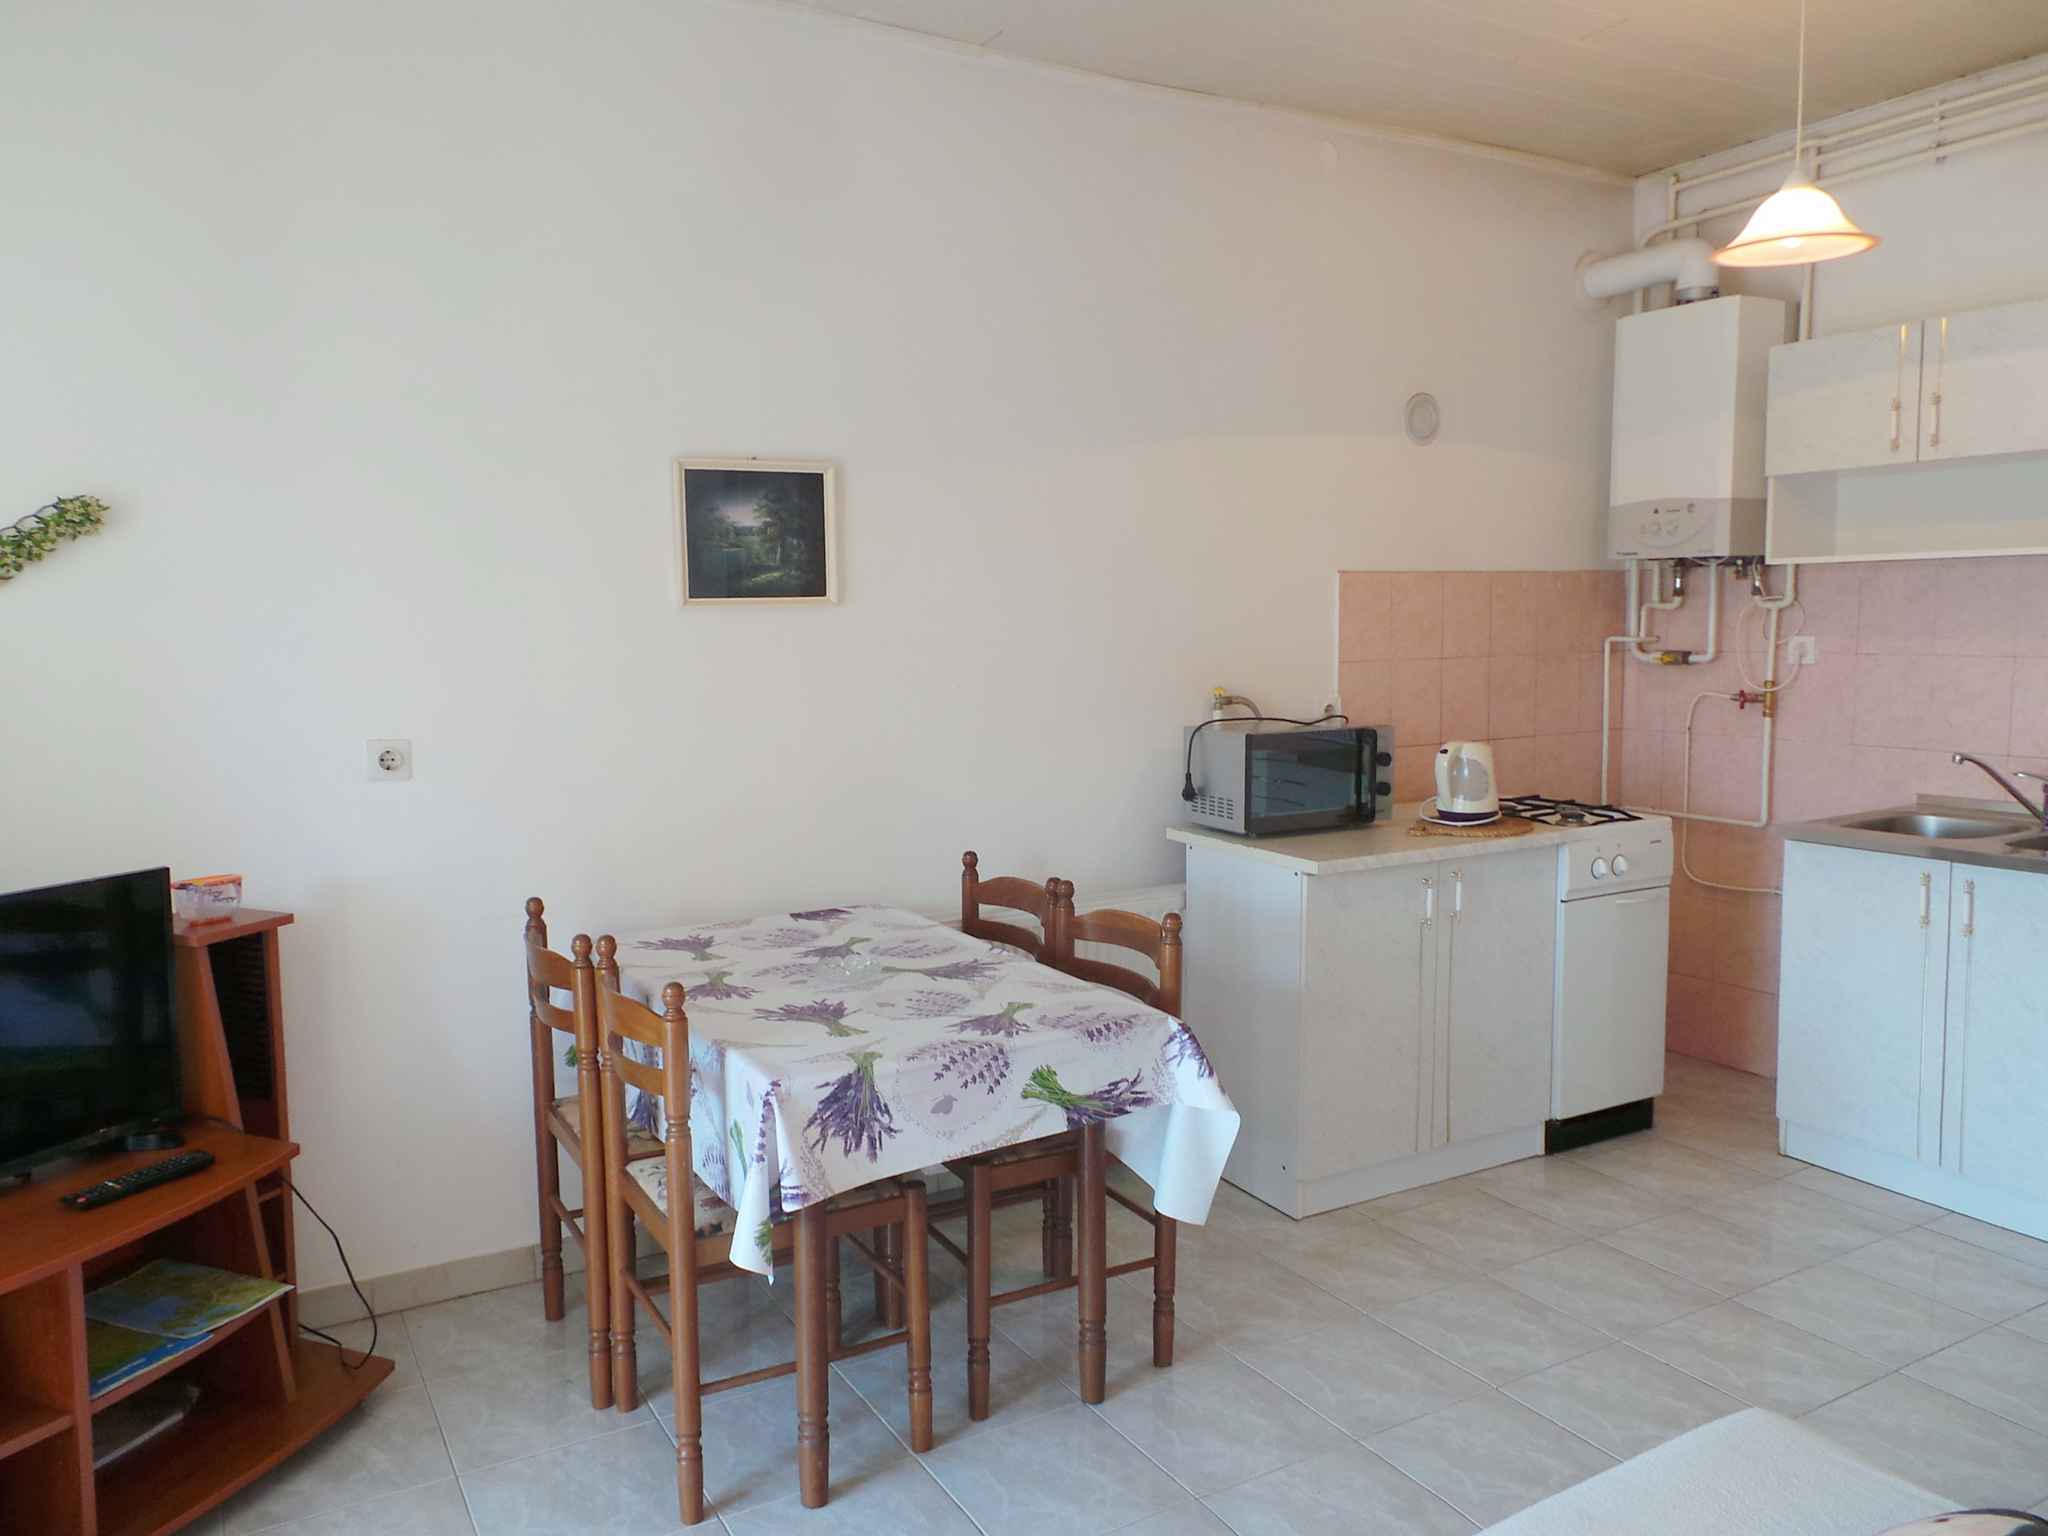 Ferienwohnung mit SAT-TV und Balkon (280821), Pula, , Istrien, Kroatien, Bild 9